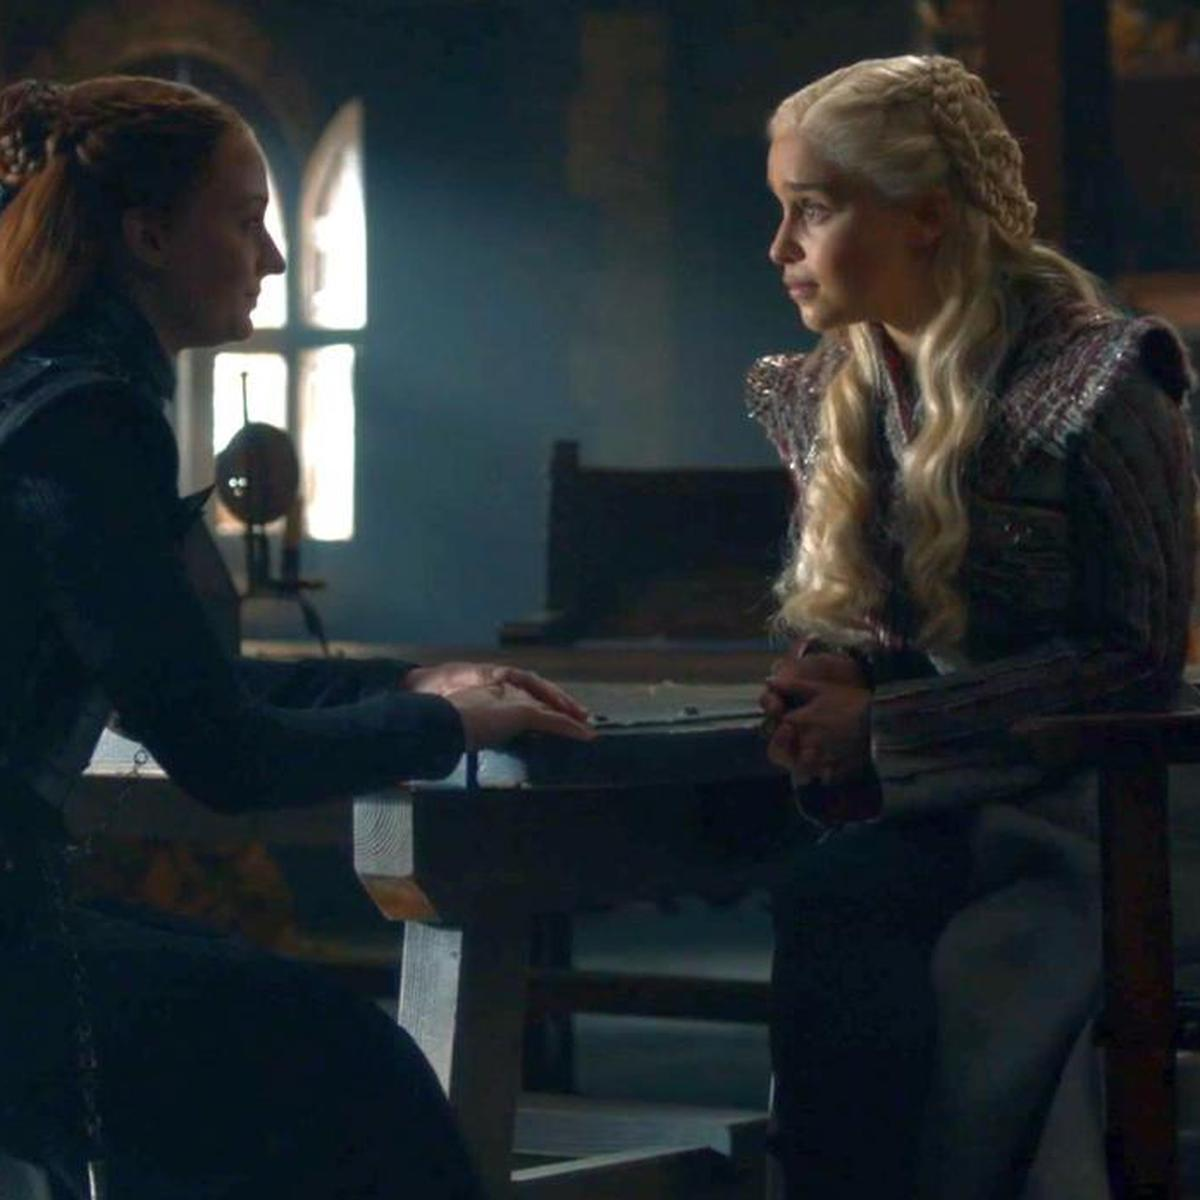 Game Of Thrones Resumen 8x02 Reseña Con Spoilers Del Segundo Capítulo De Juego De Tronos Hbo Go Daenerys Targaryen Jon Snow Sansa Stark Arya Stark Rey De